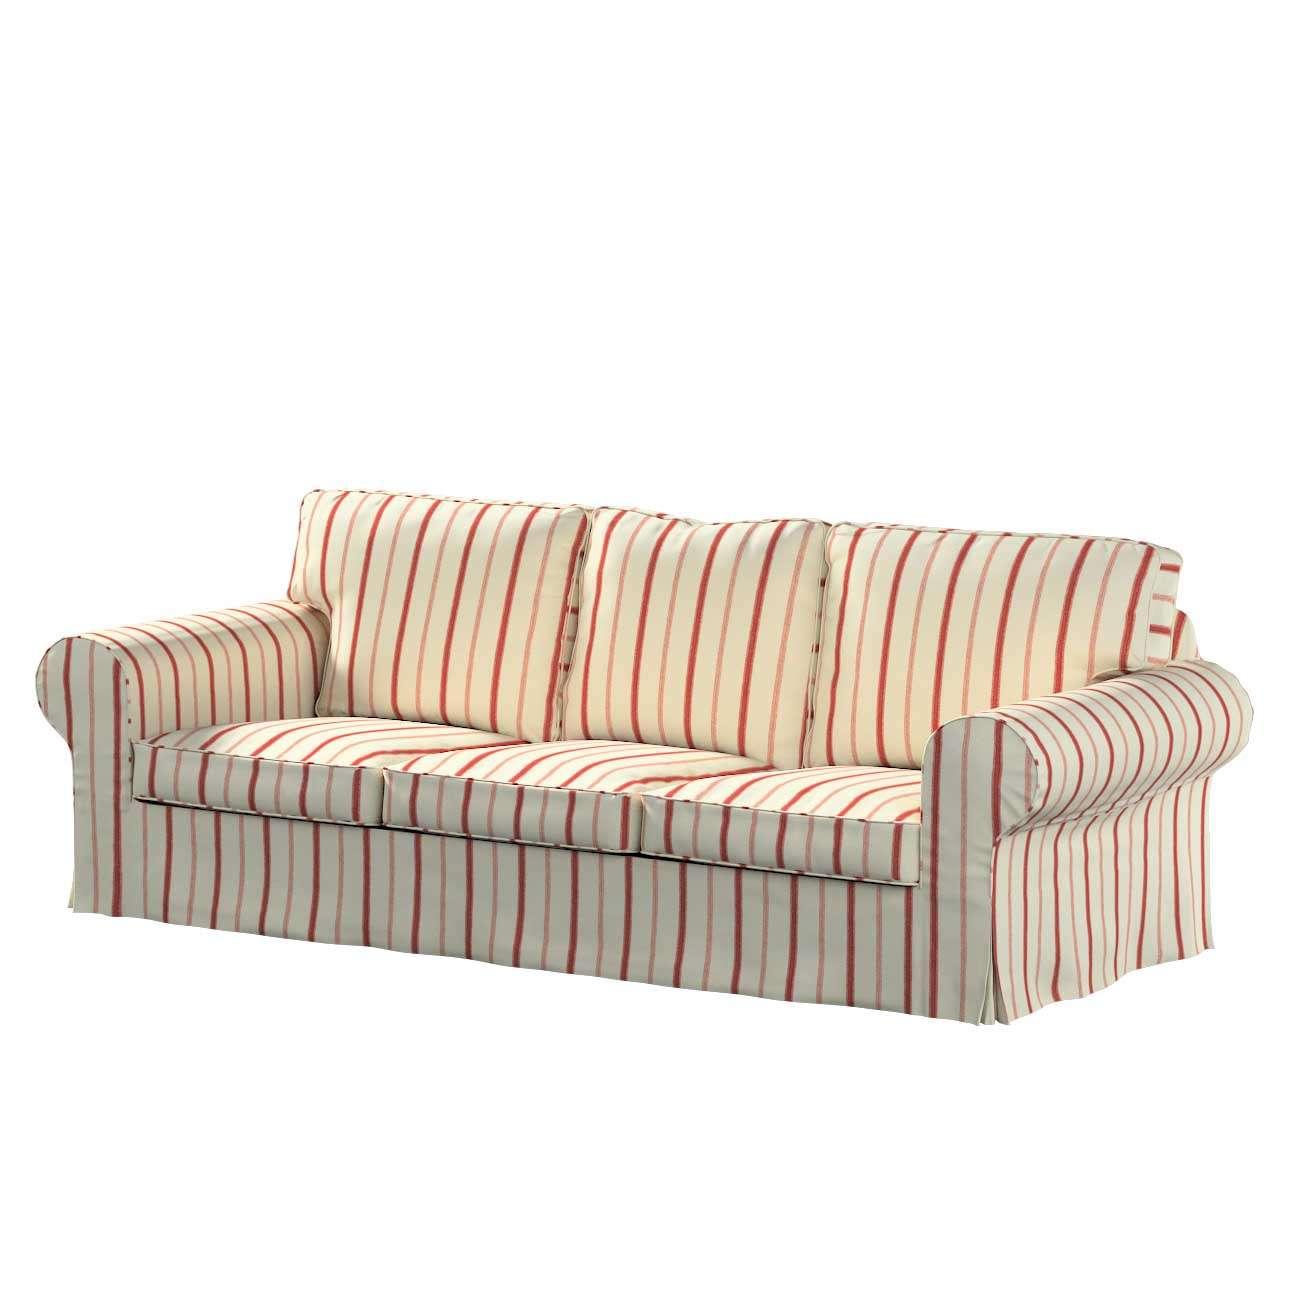 Pokrowiec na sofę Ektorp 3-osobową, rozkładaną NOWY MODEL 2013 Ektorp 3-os rozkładany nowy model 2013 w kolekcji Avinon, tkanina: 129-15